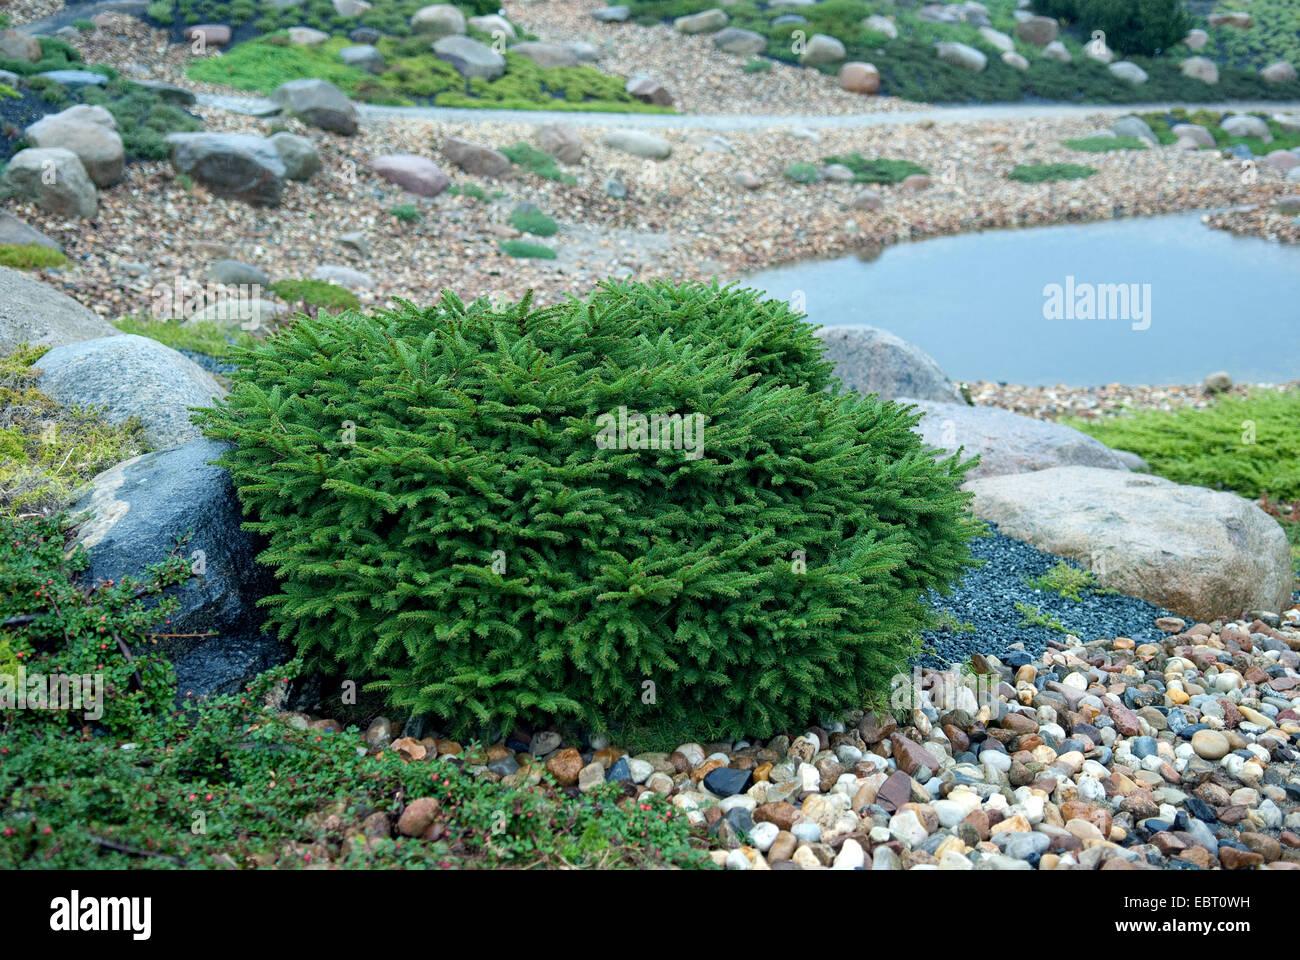 Norway spruce (Picea abies 'Nidiformis', Picea abies Nidiformis), cultivar Nidiformis - Stock Image